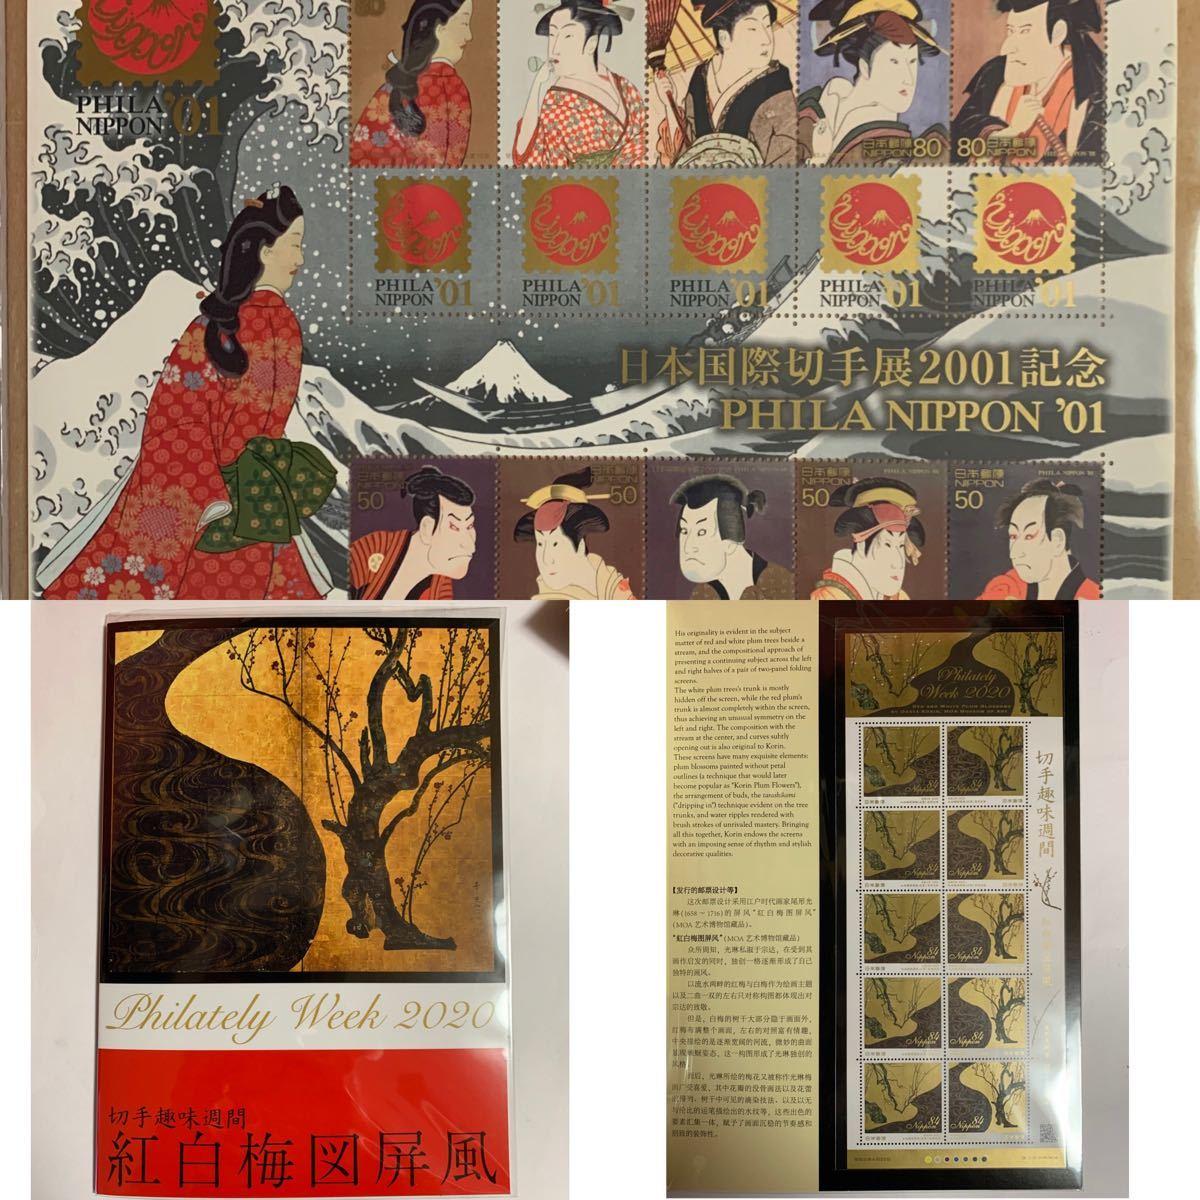 切手趣味週間 切手 切手シート 日本切手 日本国際切手展 紅白梅図屏風